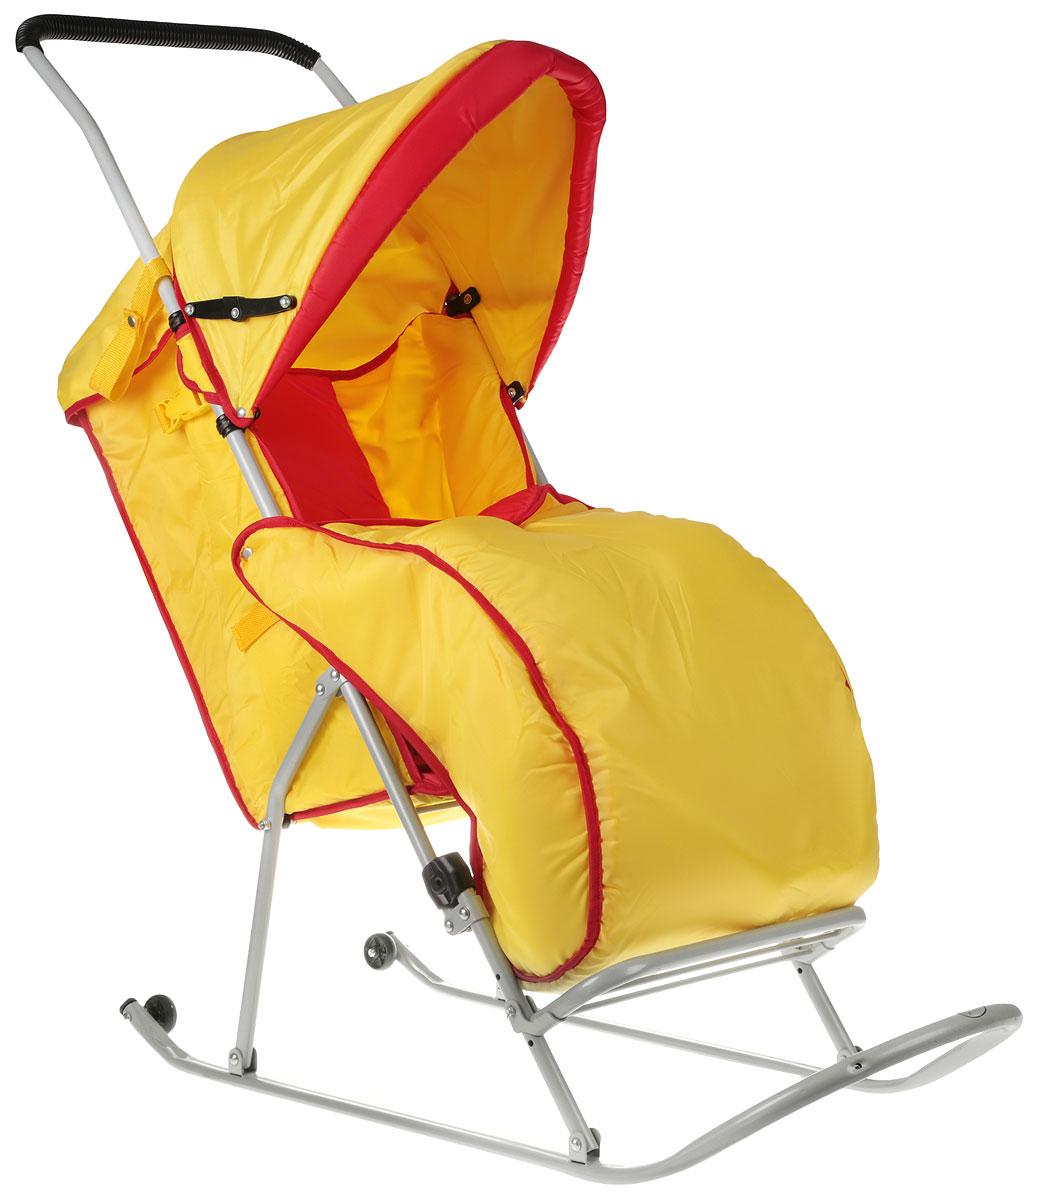 Фея Санки-коляска Метелица Люкс 1 с тентом цвет желтый красный